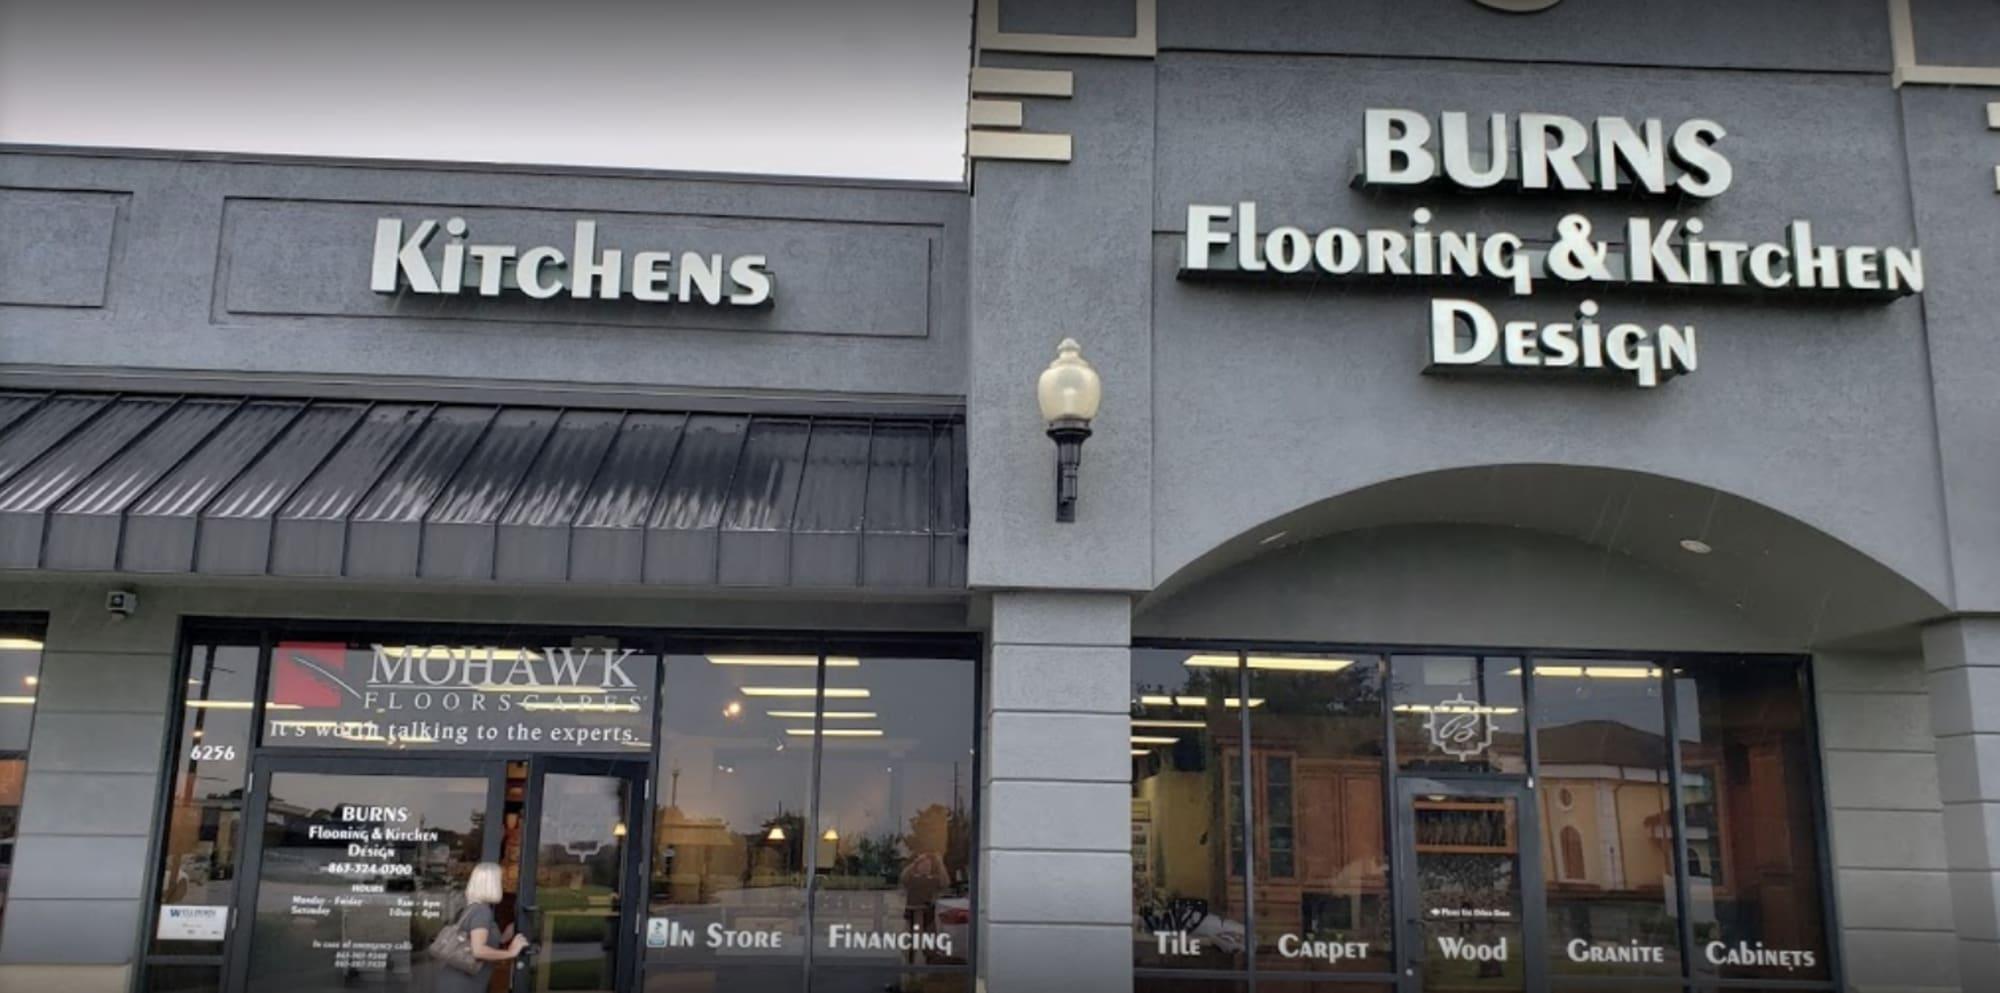 Burns Flooring & Design - 1470 Town Center Dr E Lakeland, FL 33803